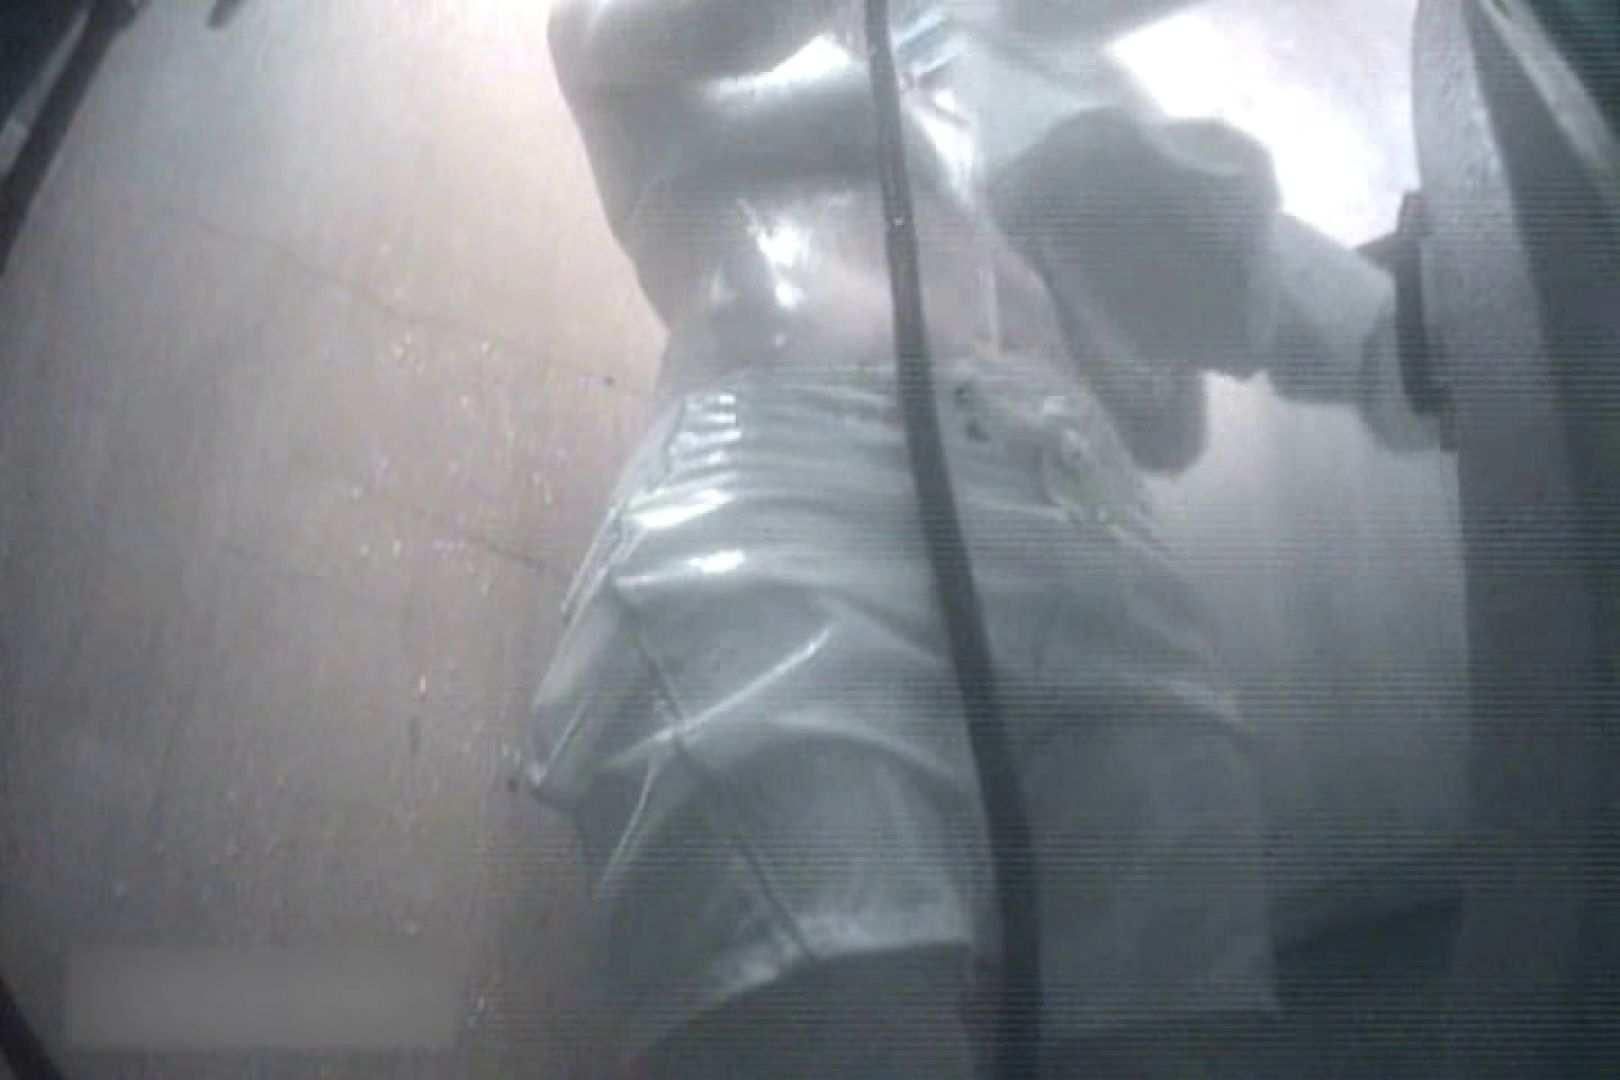 夏海シャワー室!ベトベトお肌をサラサラに!VOL.06 シャワー室  75pic 32